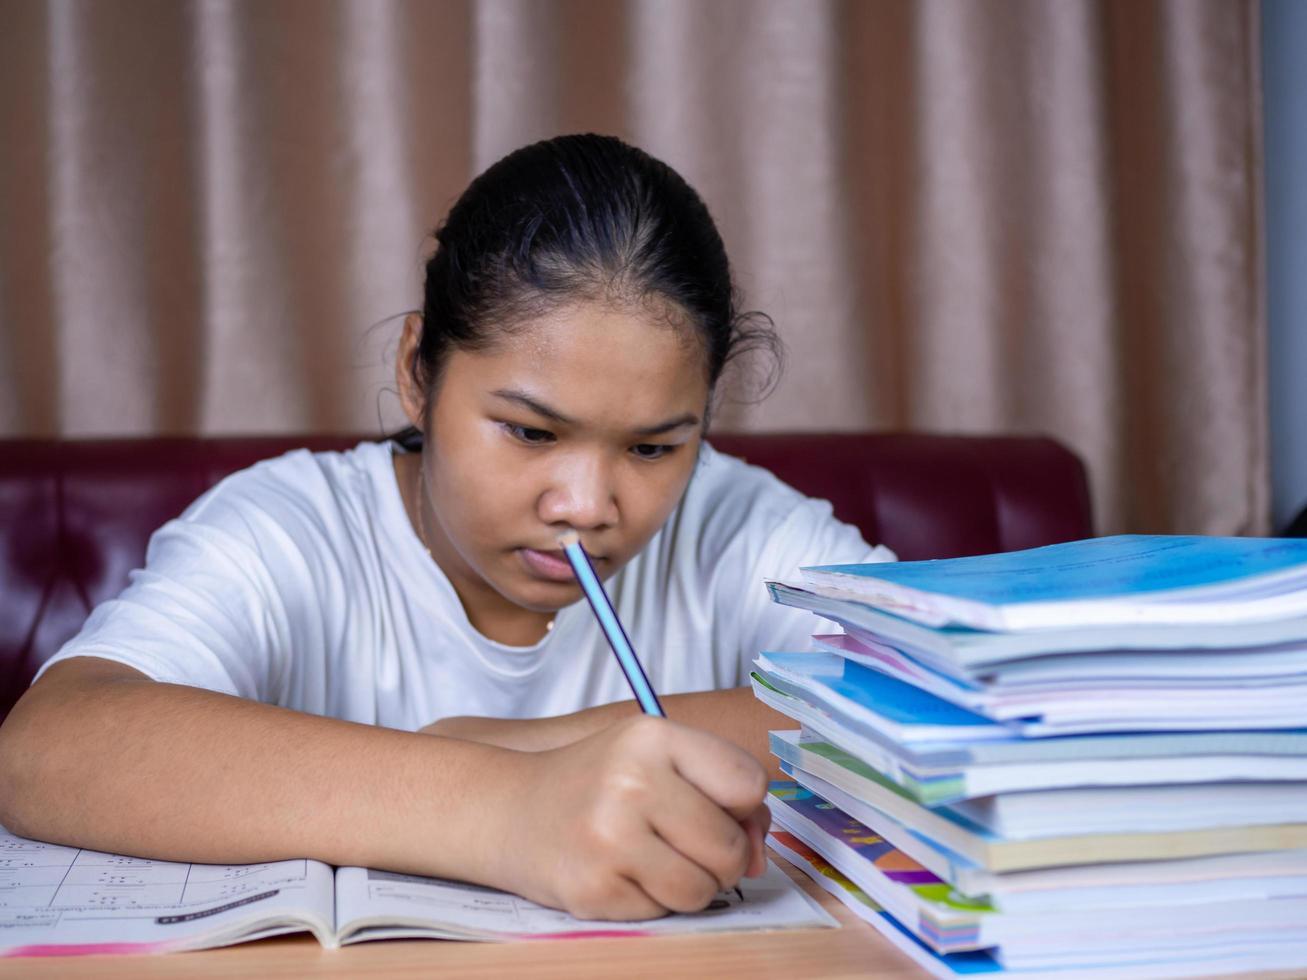 fille à faire ses devoirs sur une table en bois. photo